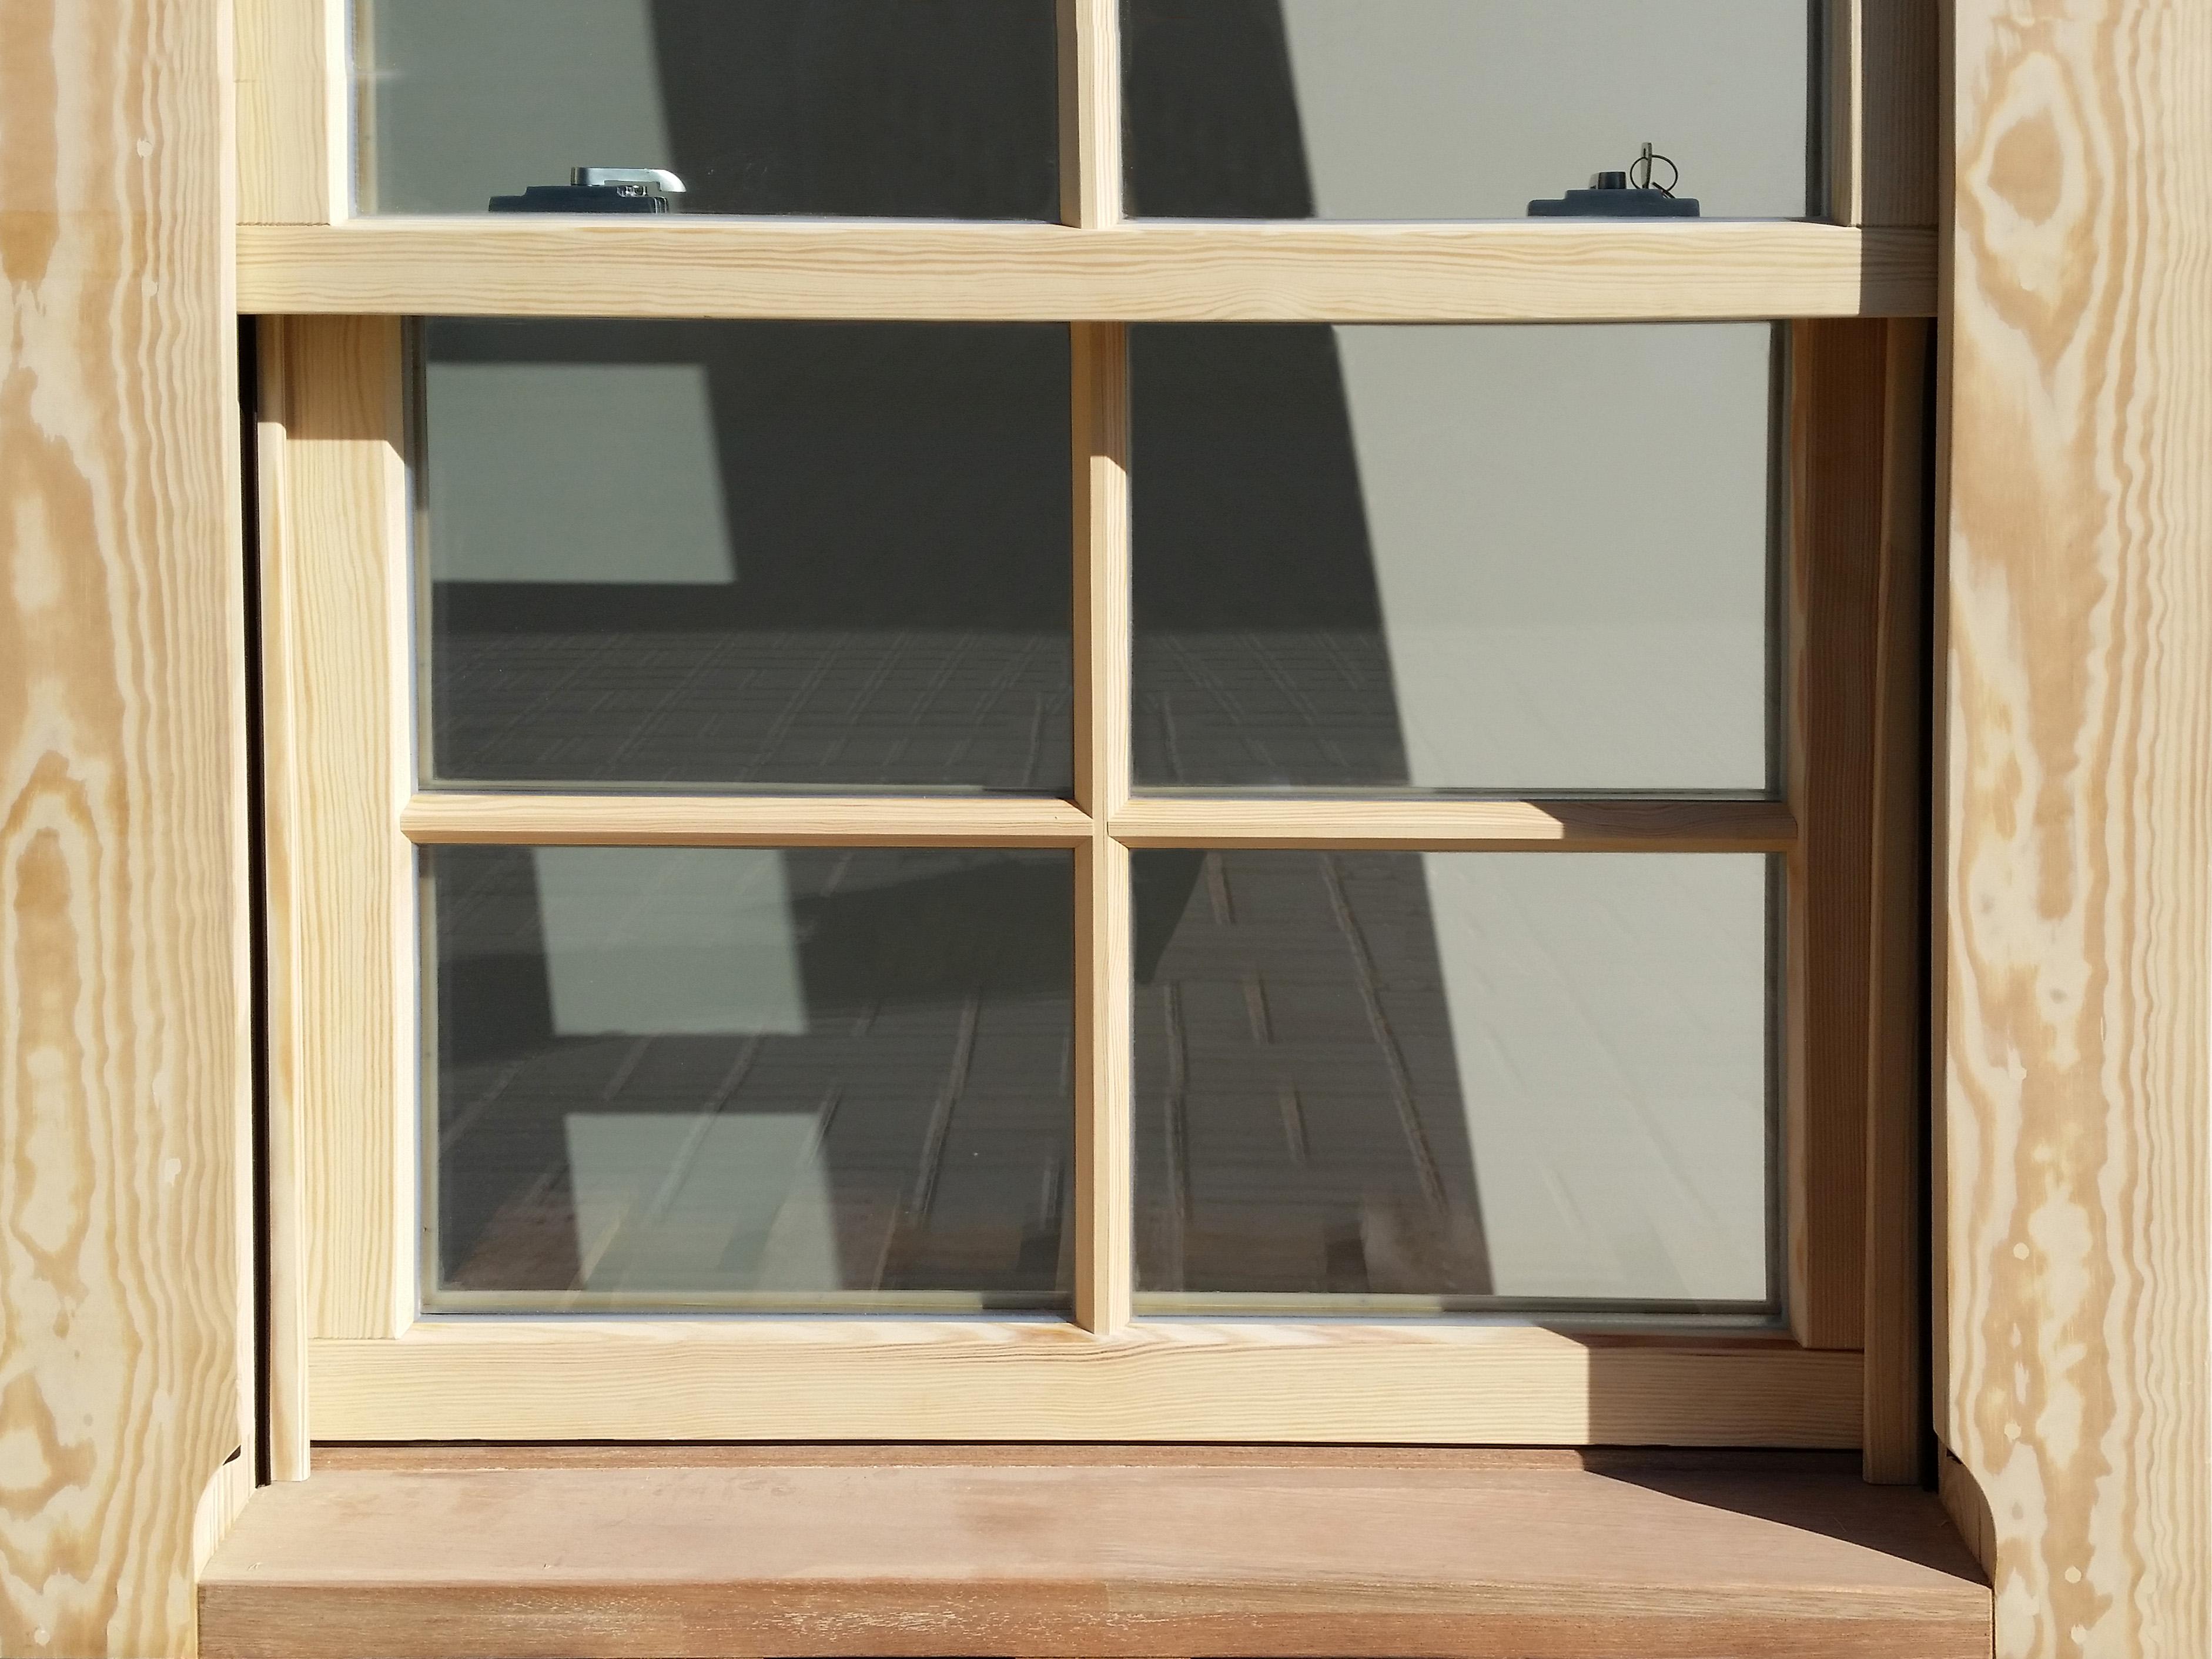 englische vertikal-schiebefenster